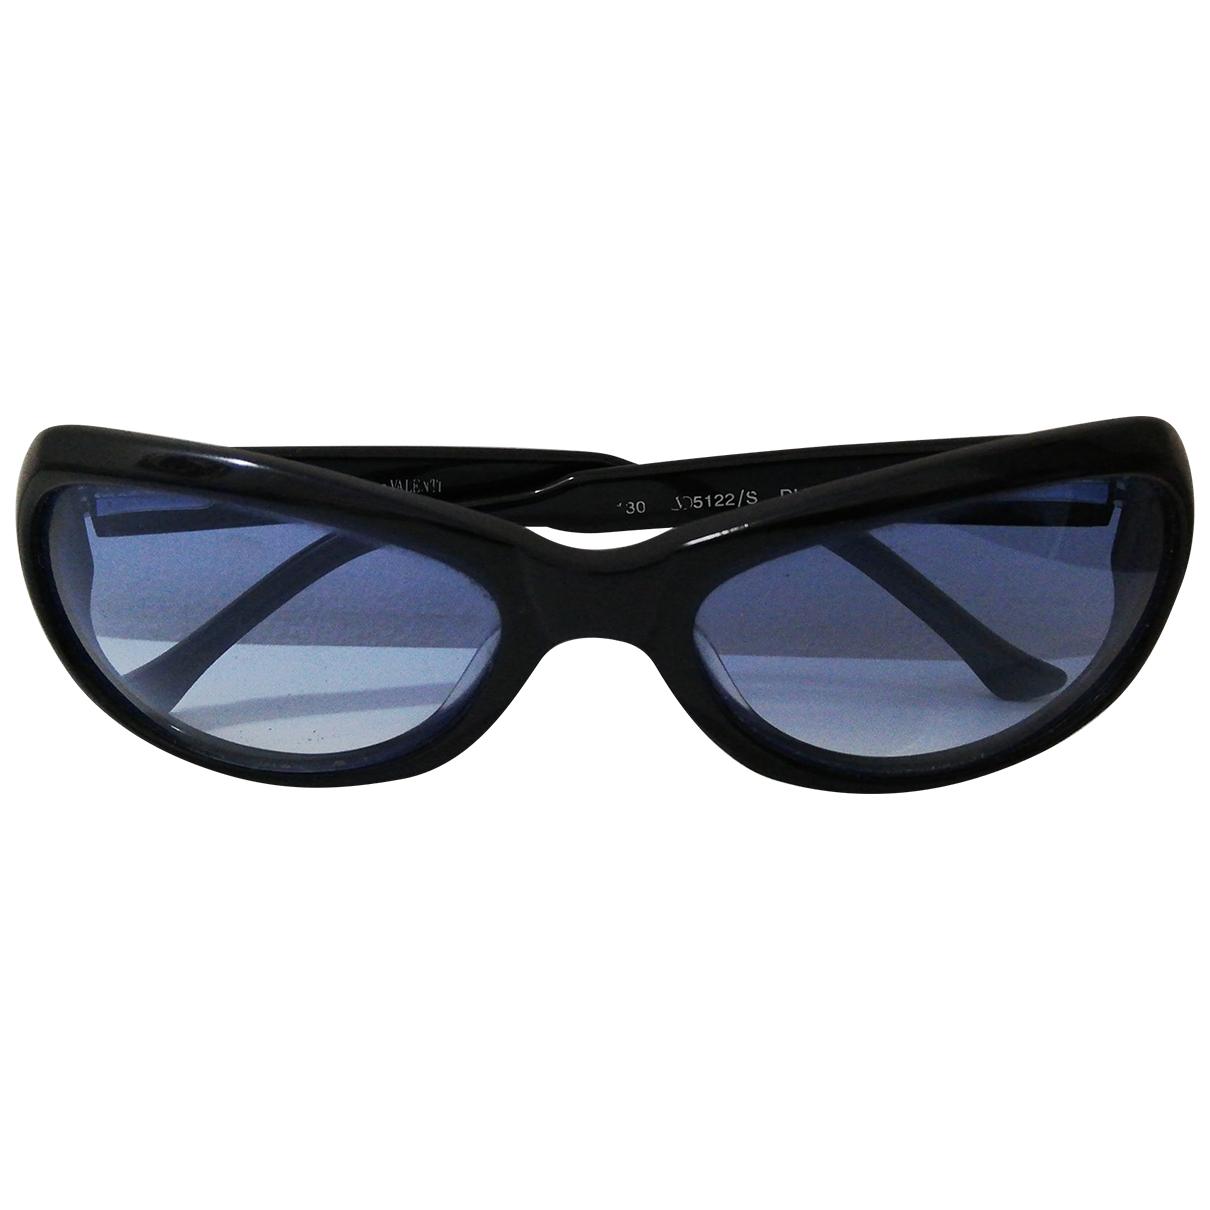 Valentino Garavani - Lunettes   pour femme en autre - noir